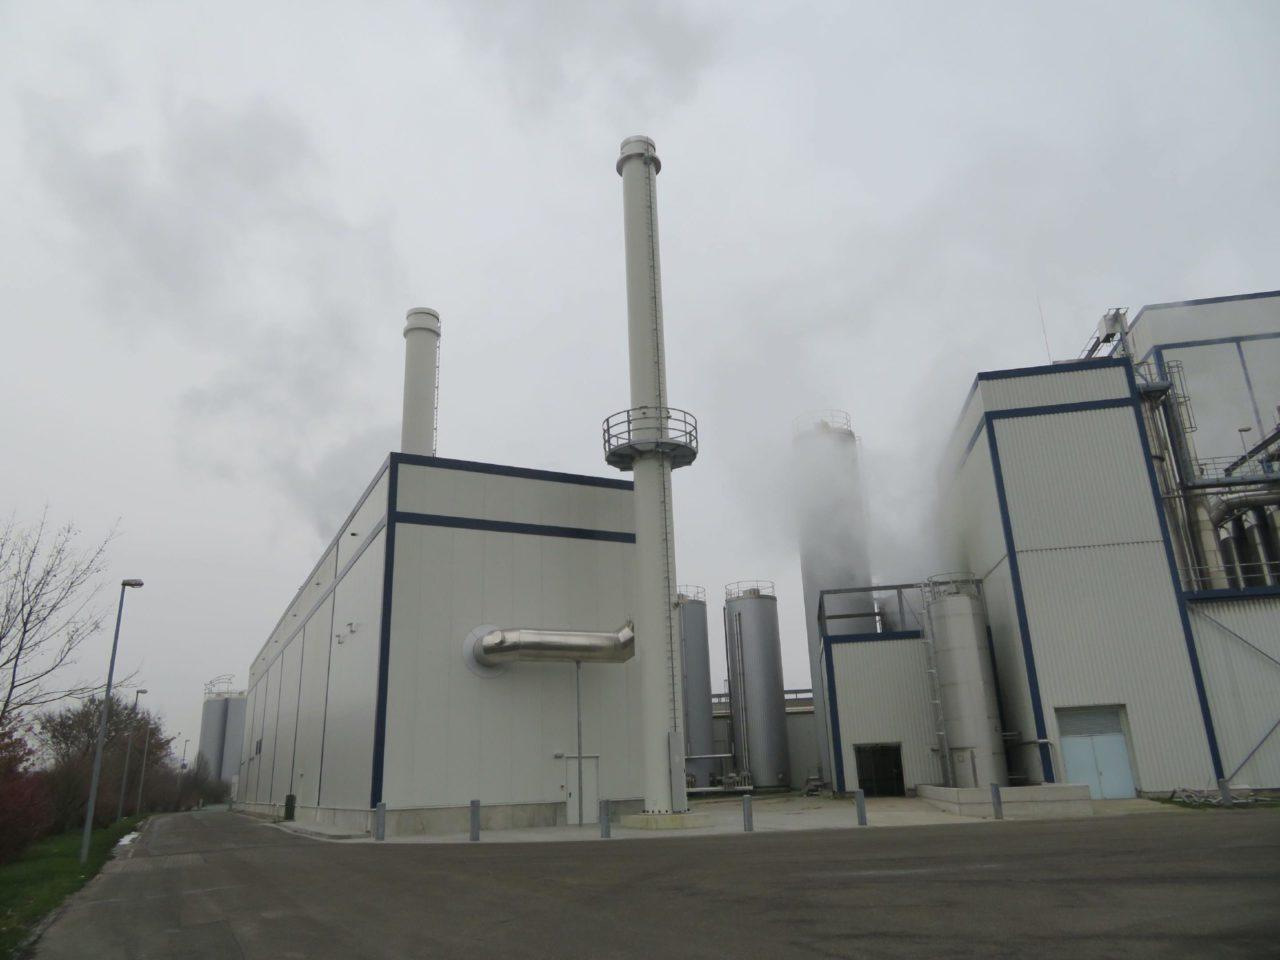 Dampfanlage DMK Edewecht